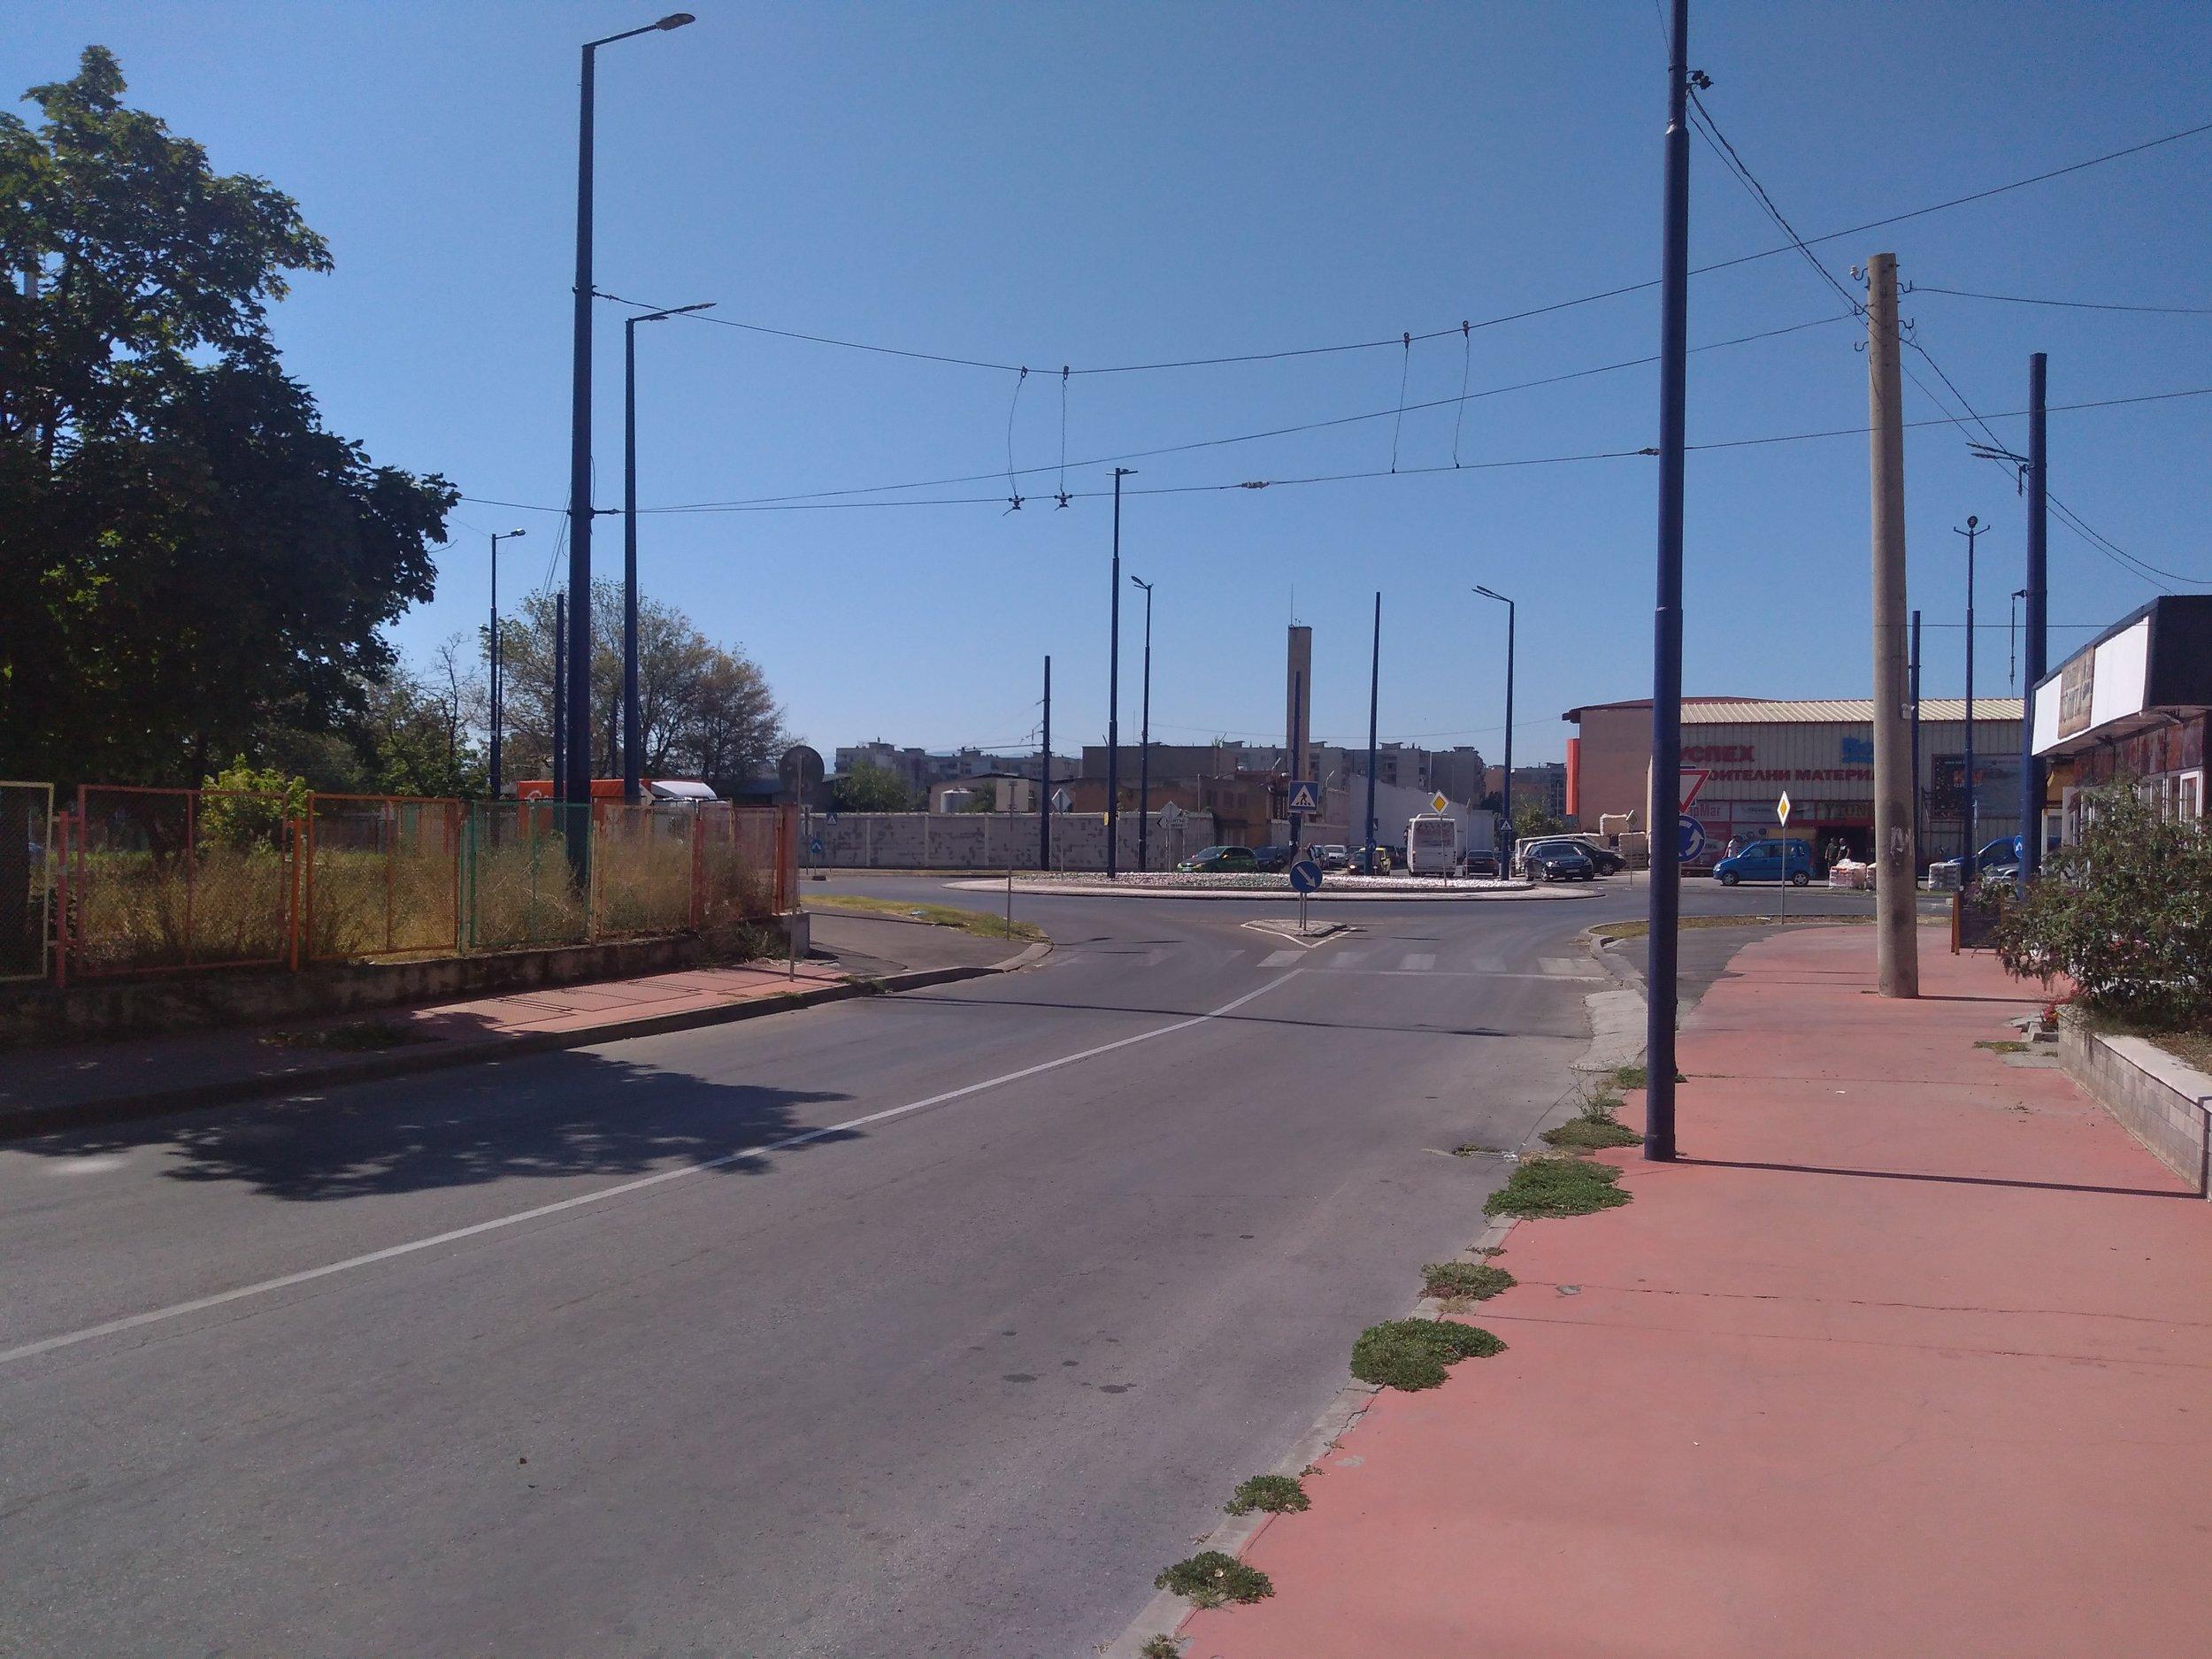 Následující snímky ukazují trolejbusovou síť v západní části města, která byla jižně od vozovny přerušena.